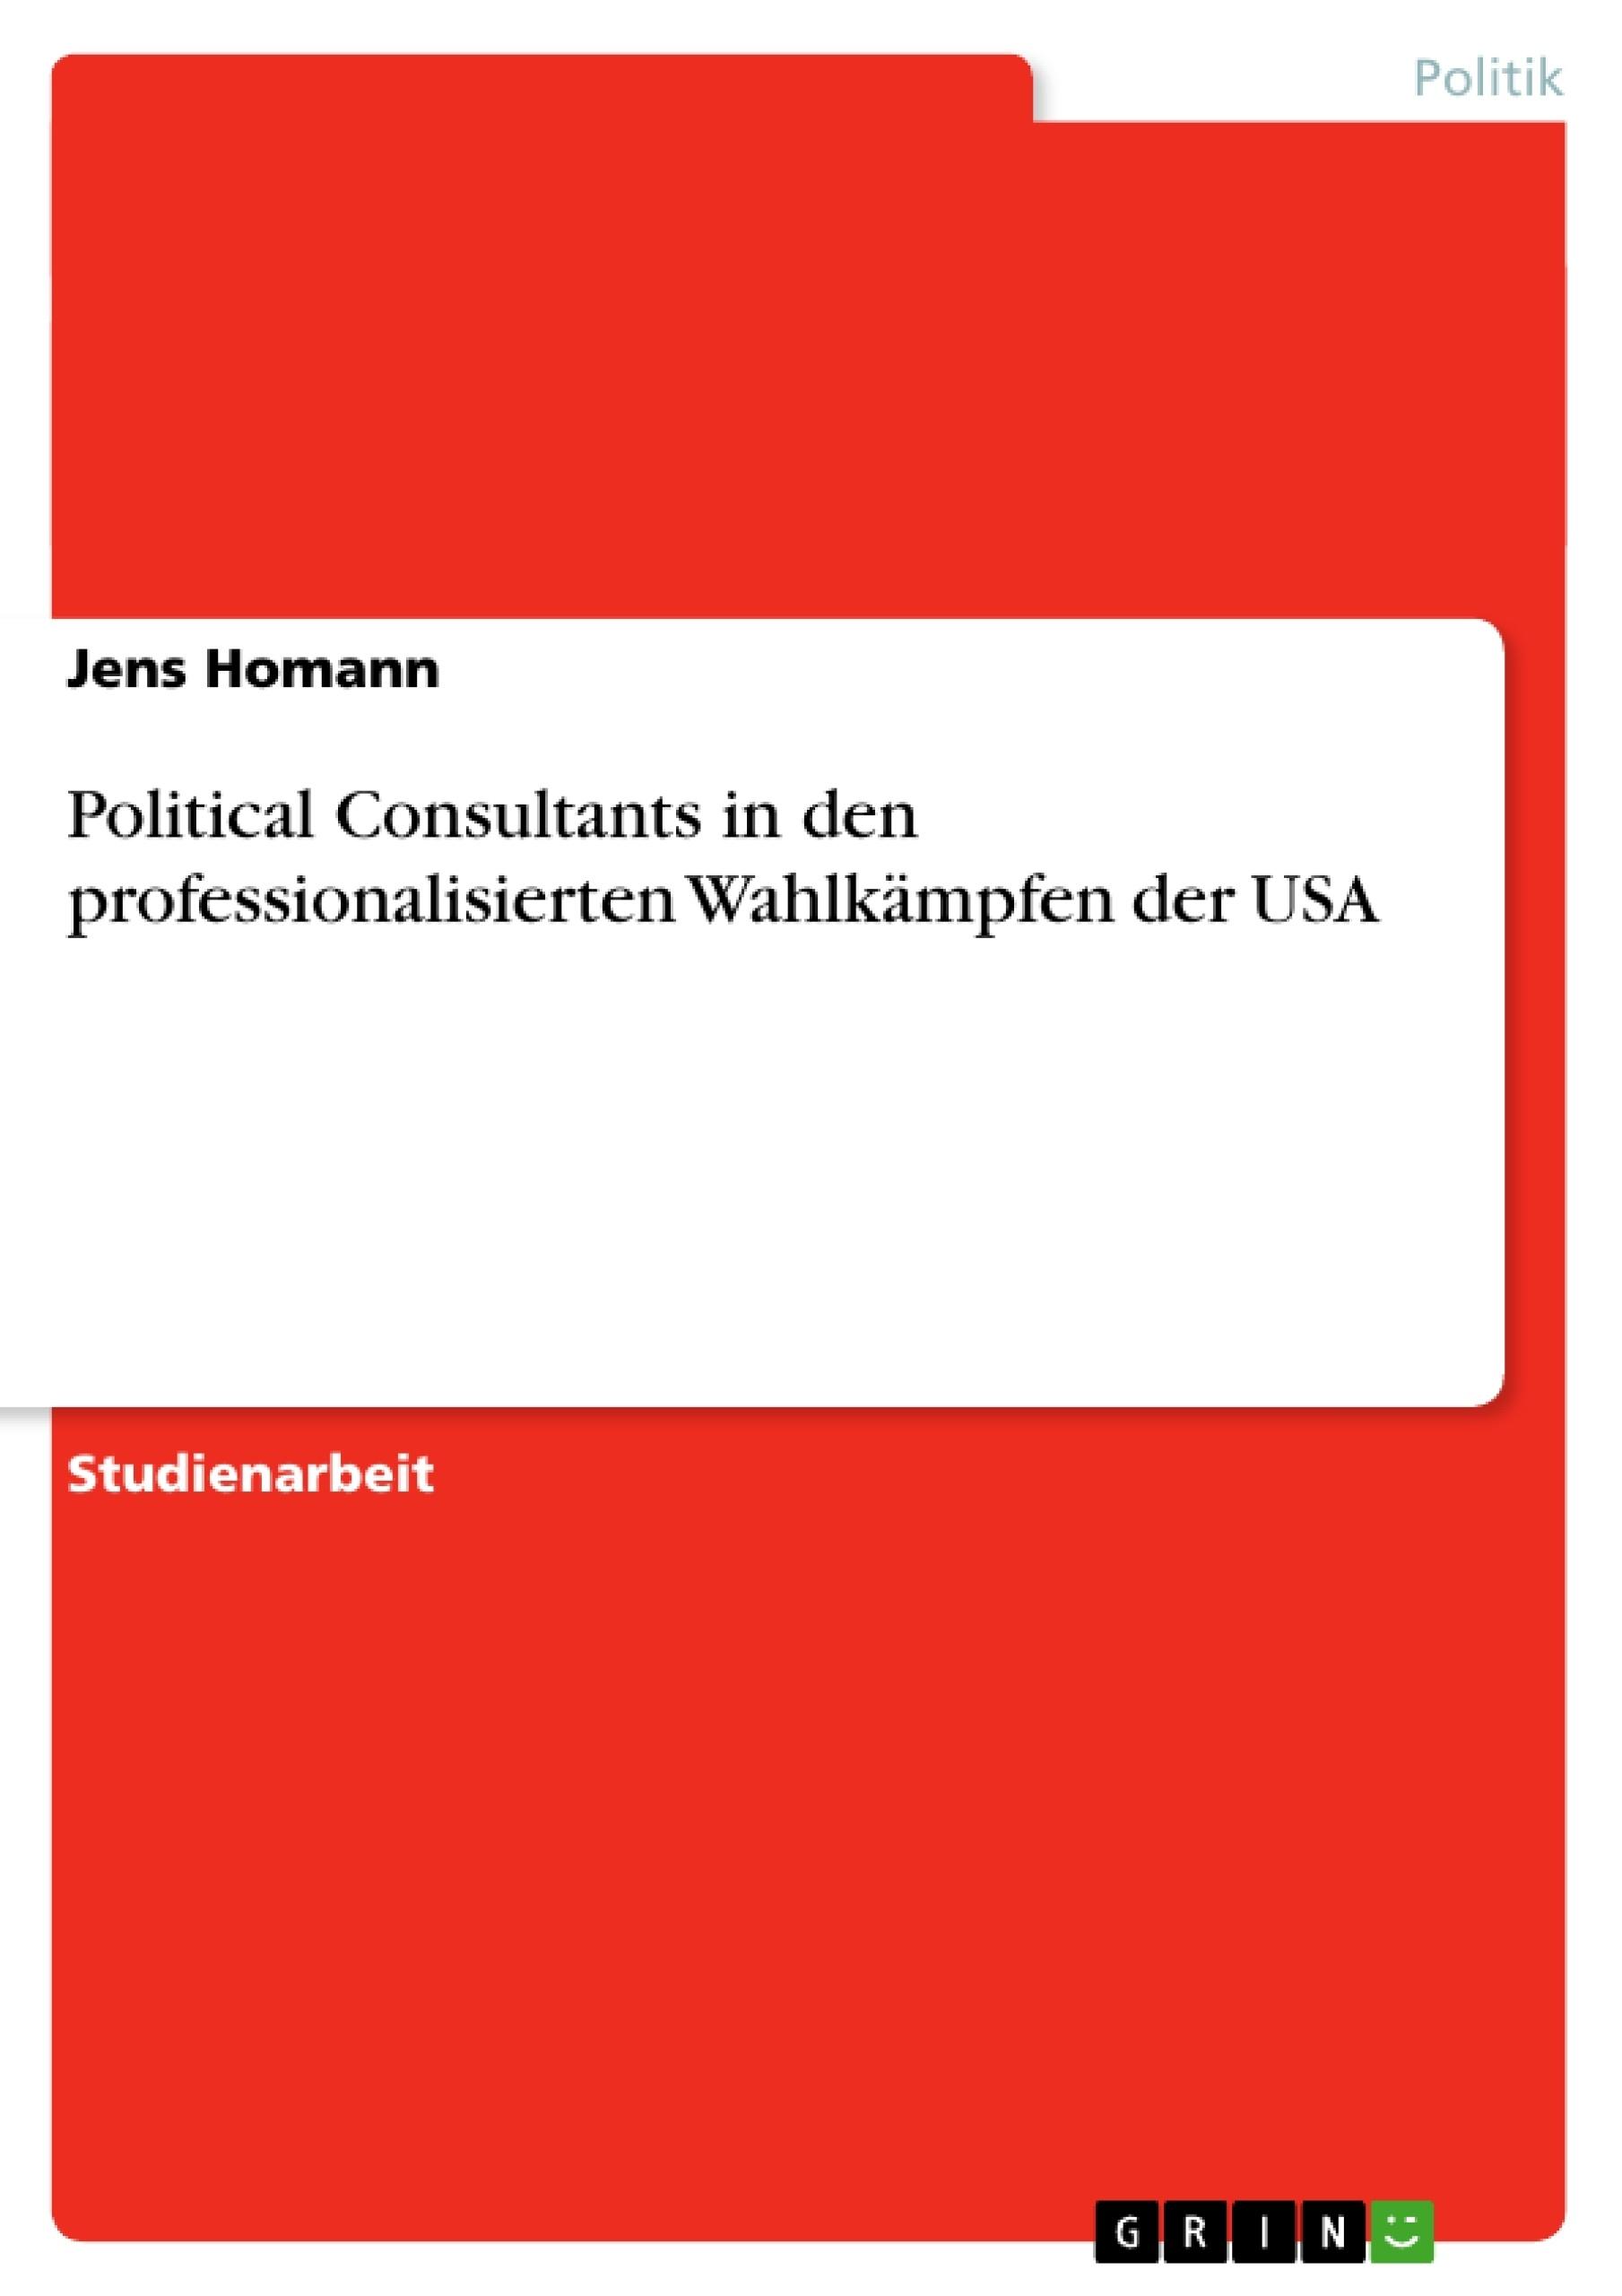 Titel: Political Consultants in den professionalisierten Wahlkämpfen der USA